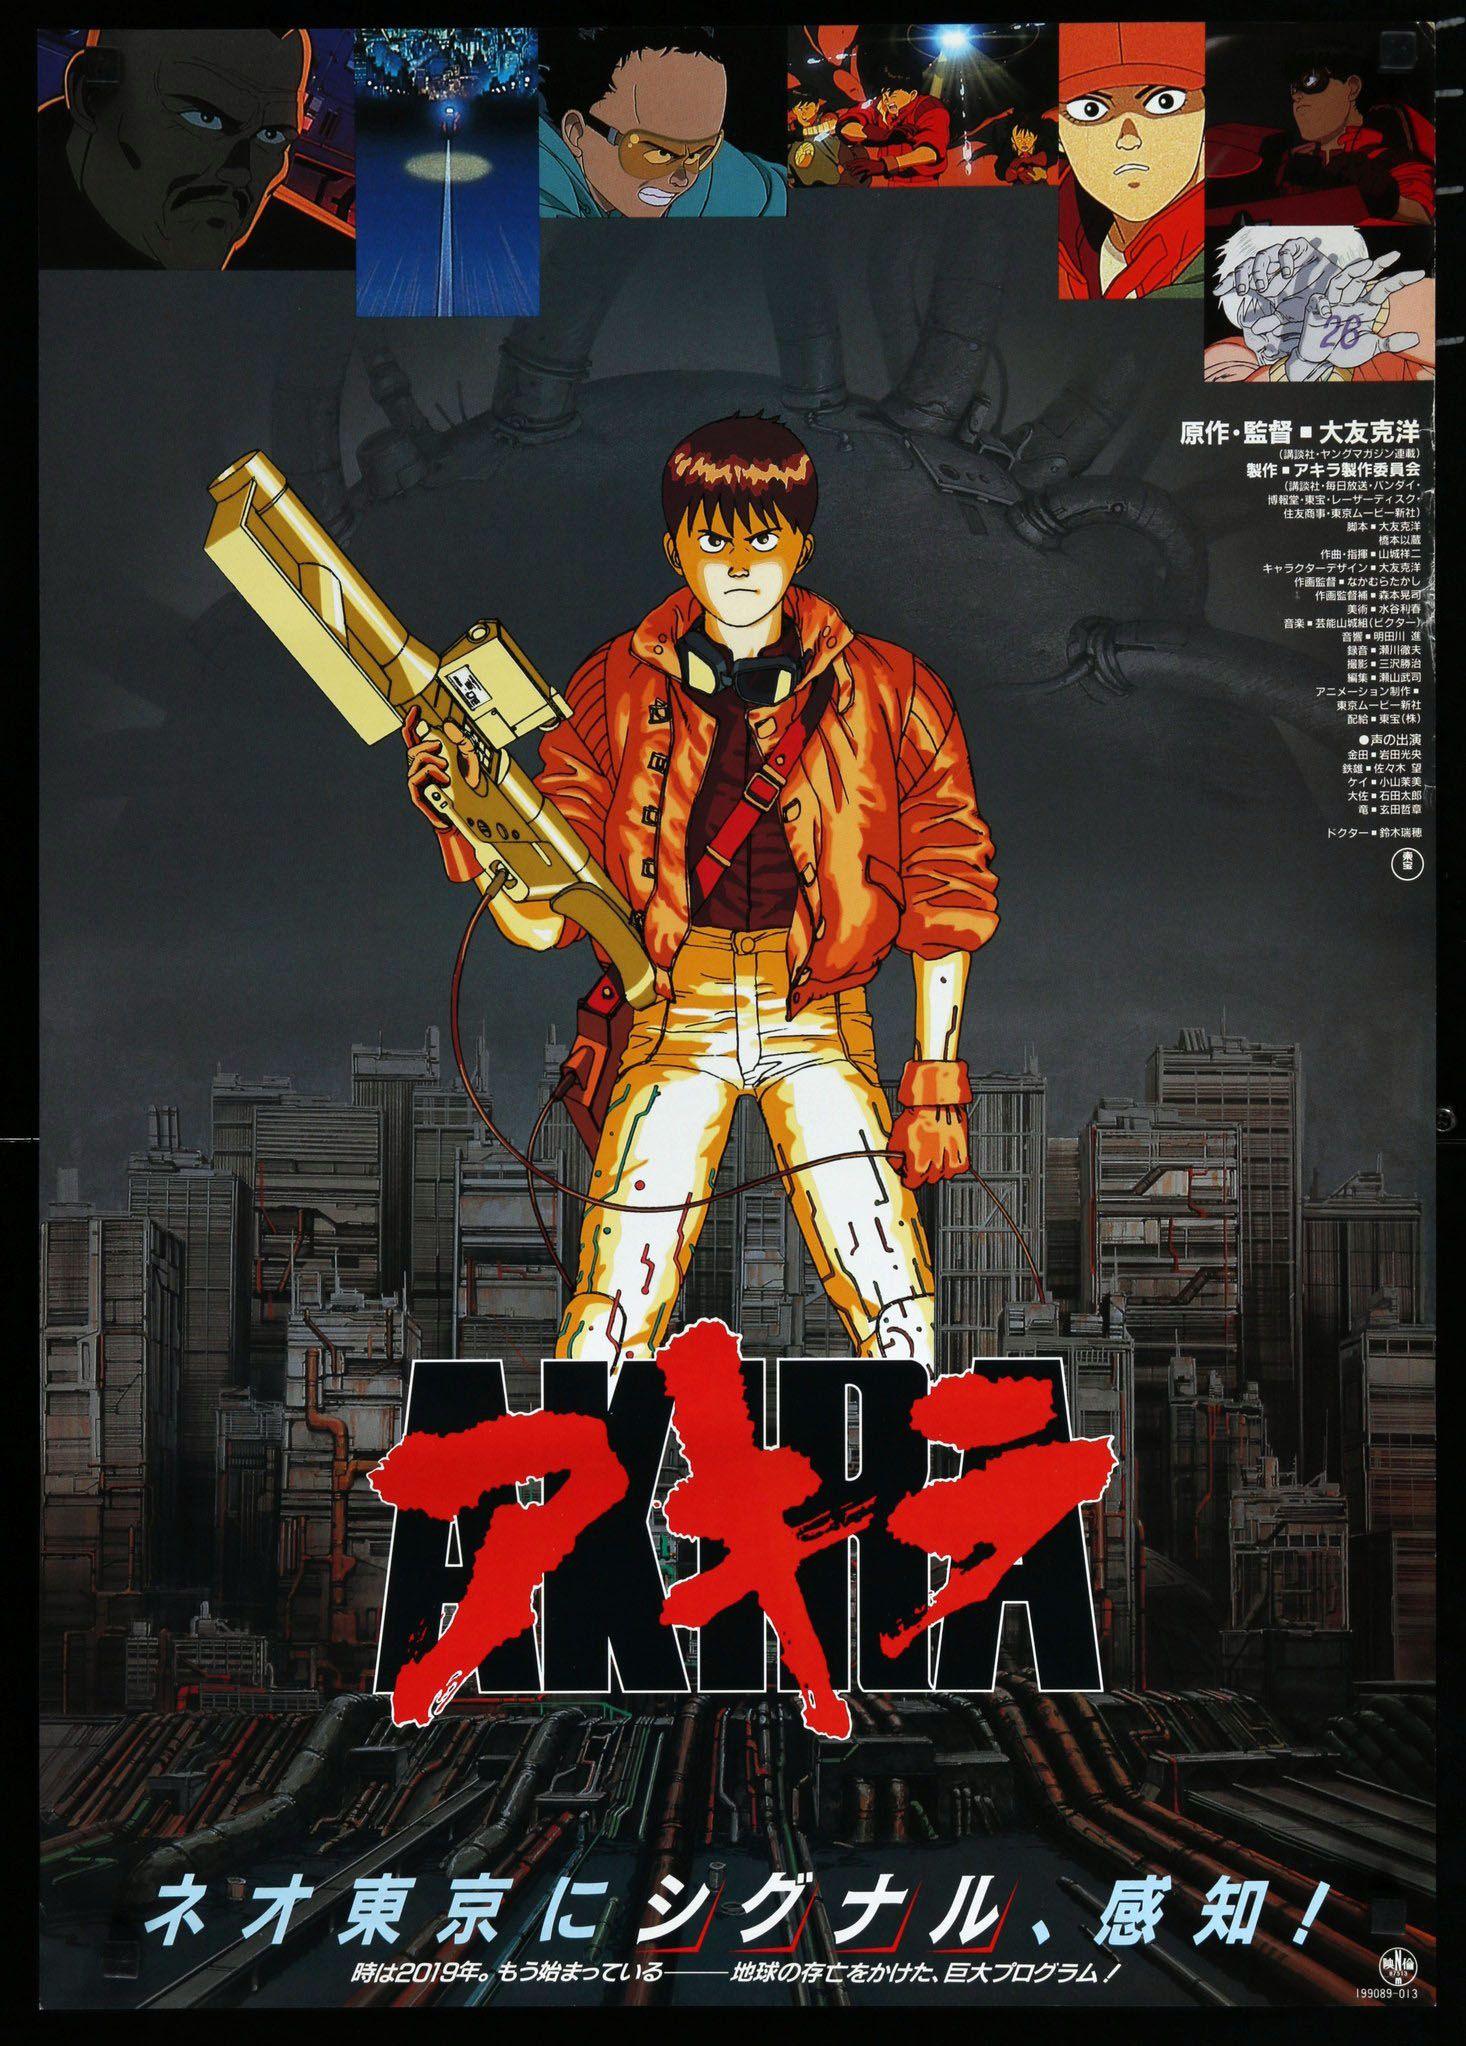 Akira02